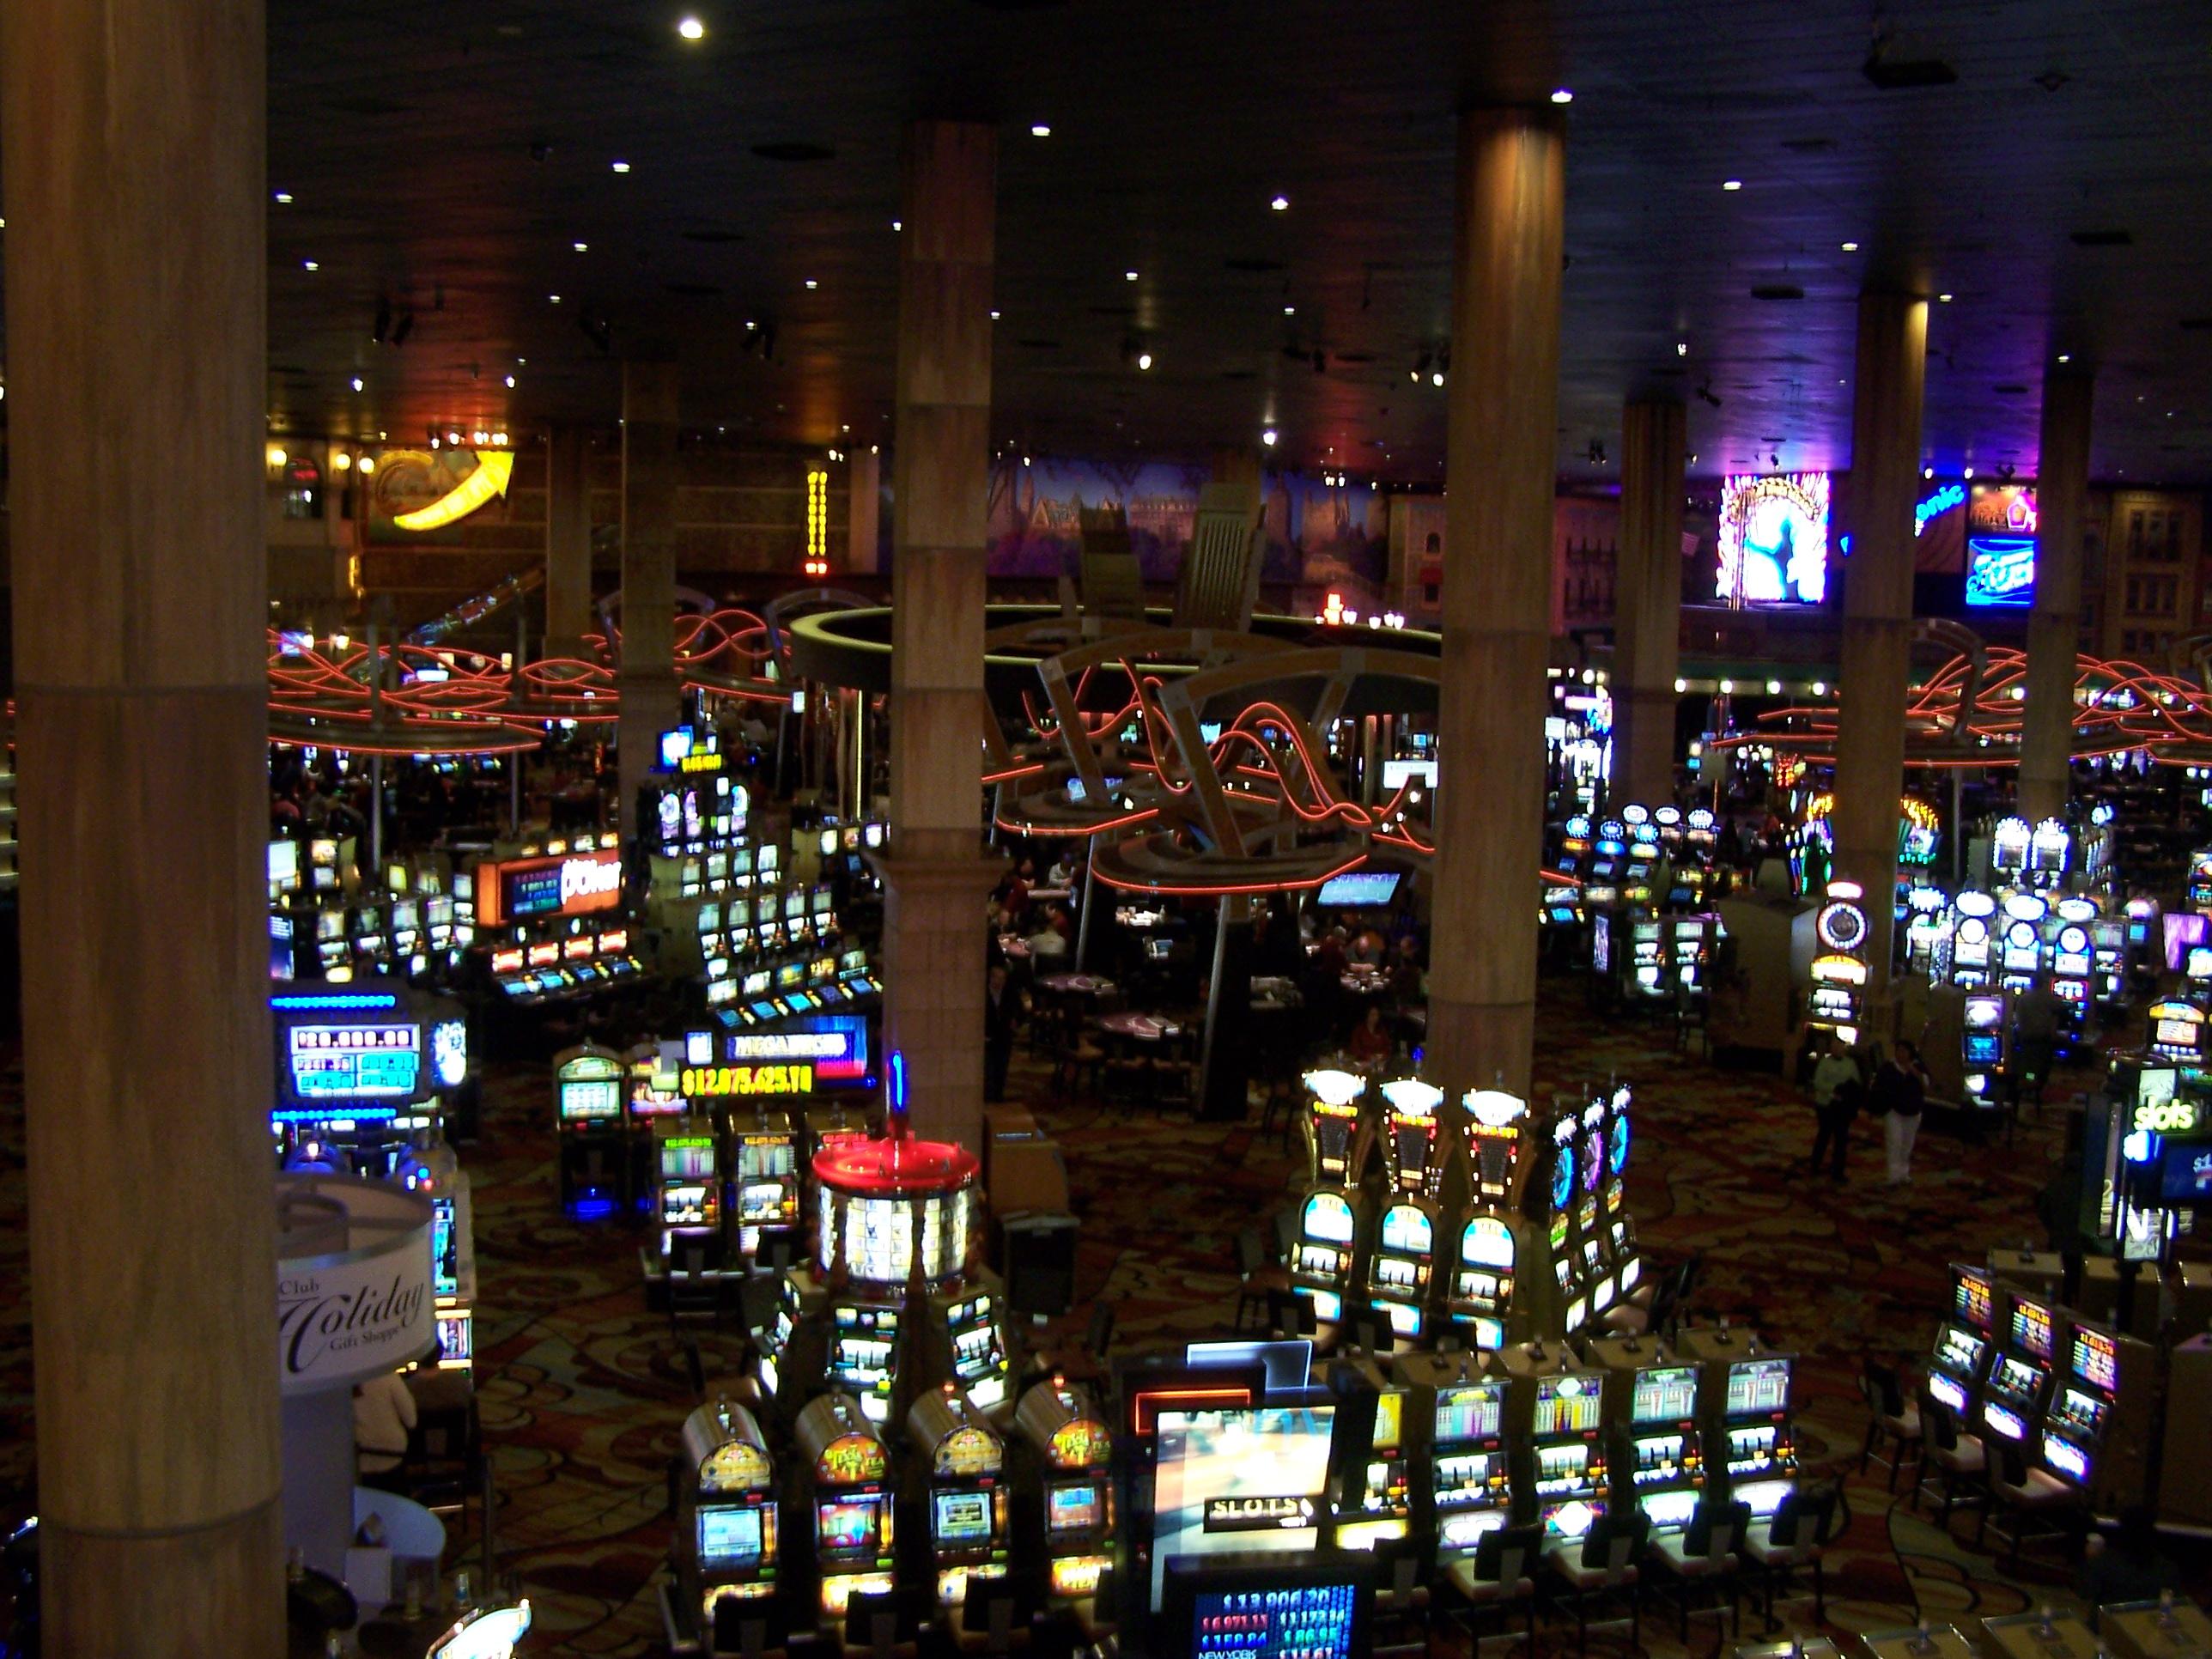 Superintendencia de casino reclamos mejores Monterrey 157394